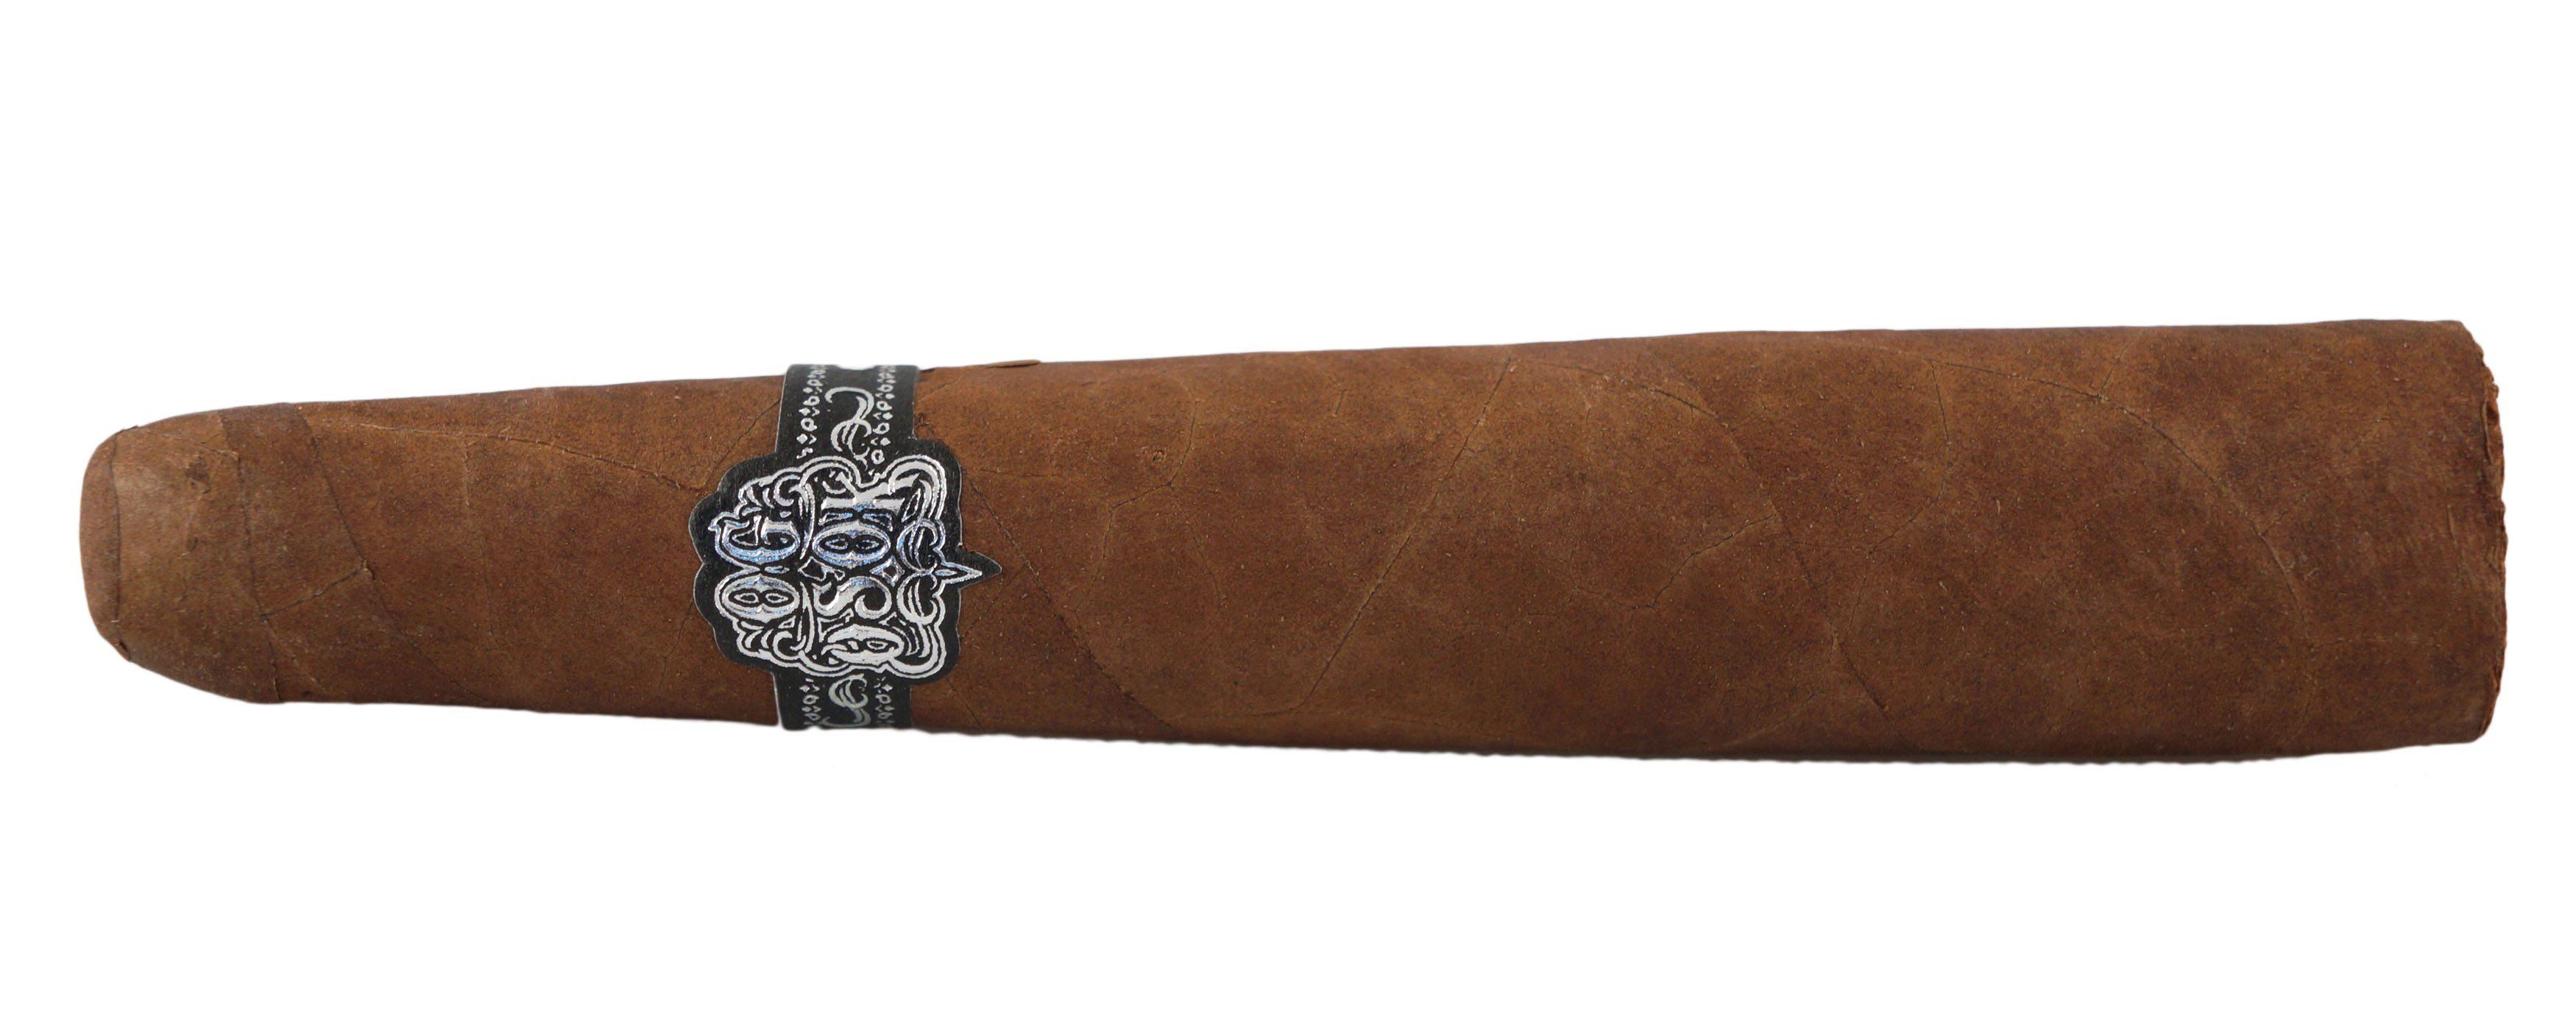 Blind Cigar Review: Edgar Hoill | OG OSOK Chakal